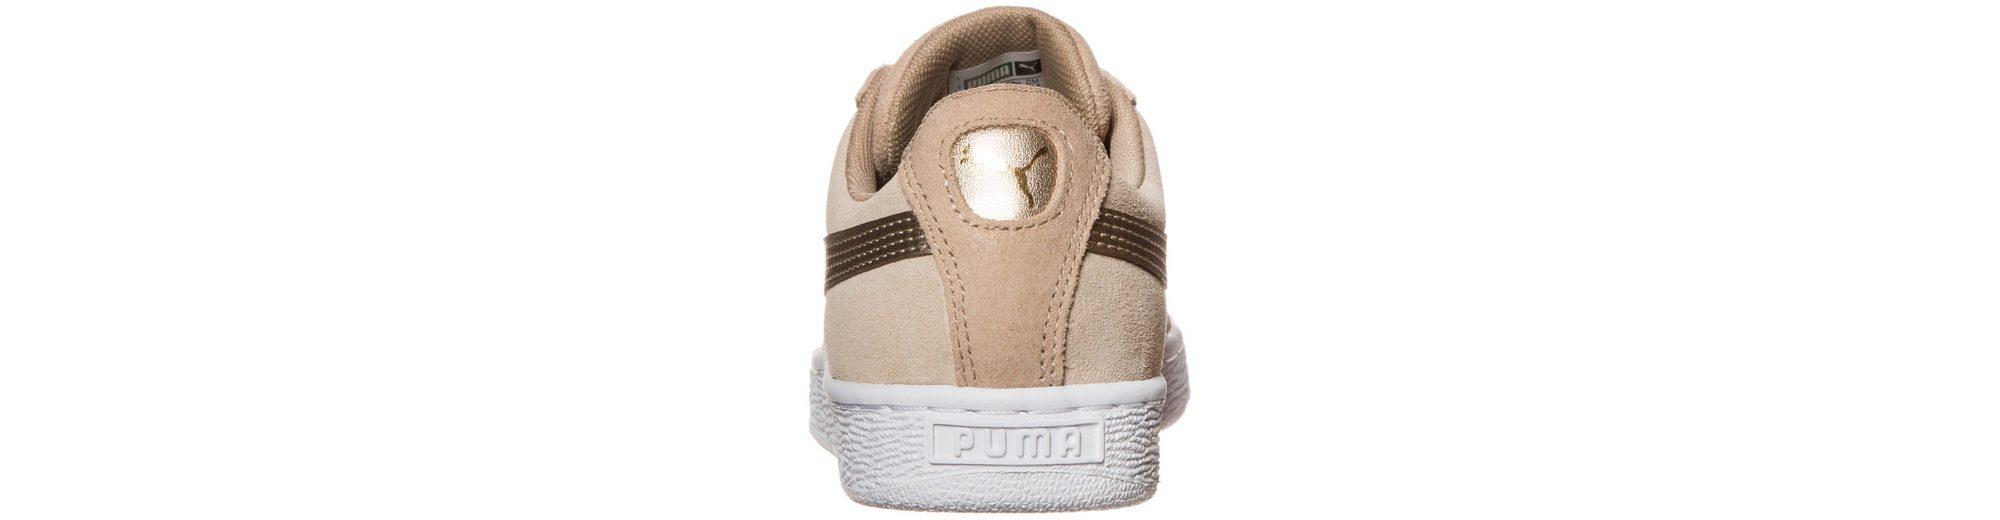 Angebote Zum Verkauf PUMA Suede Classic Metallic Safari Sneaker Freies Verschiffen Zahlung Mit Visa Verkauf Offizielle Seite Modisch Günstiger Preis fLt6lKH5L0